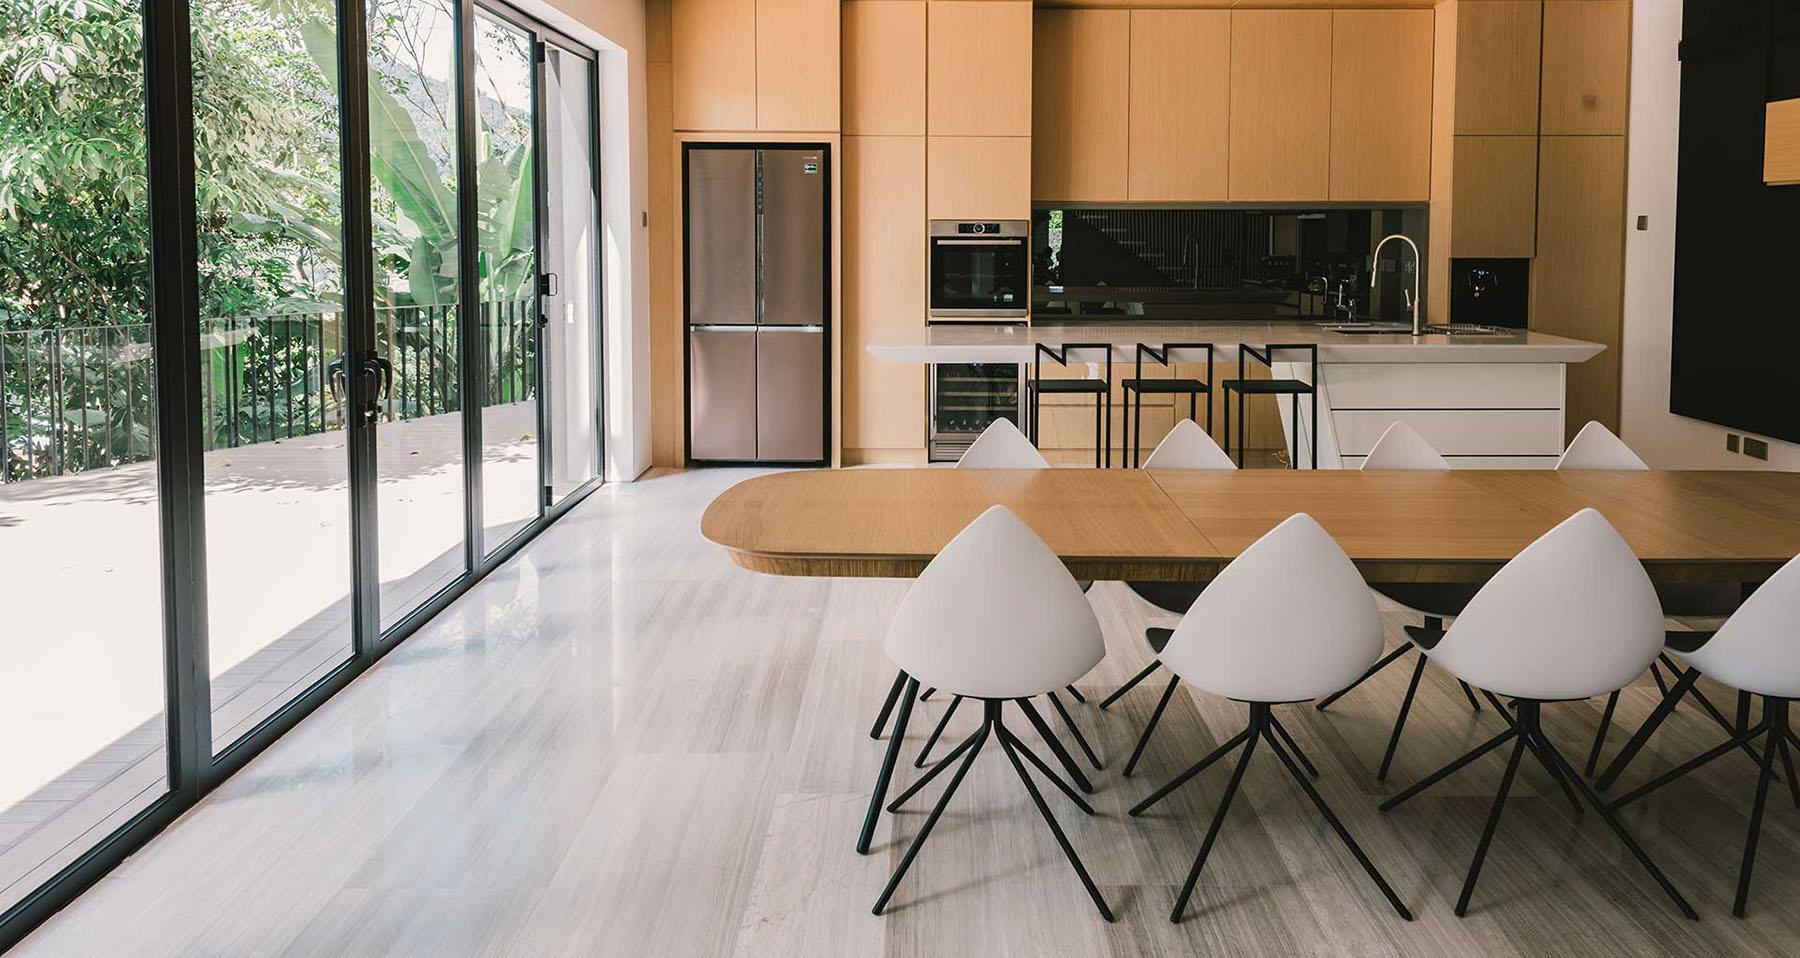 iGNANT-Architecture-Formzero-Window-House-22